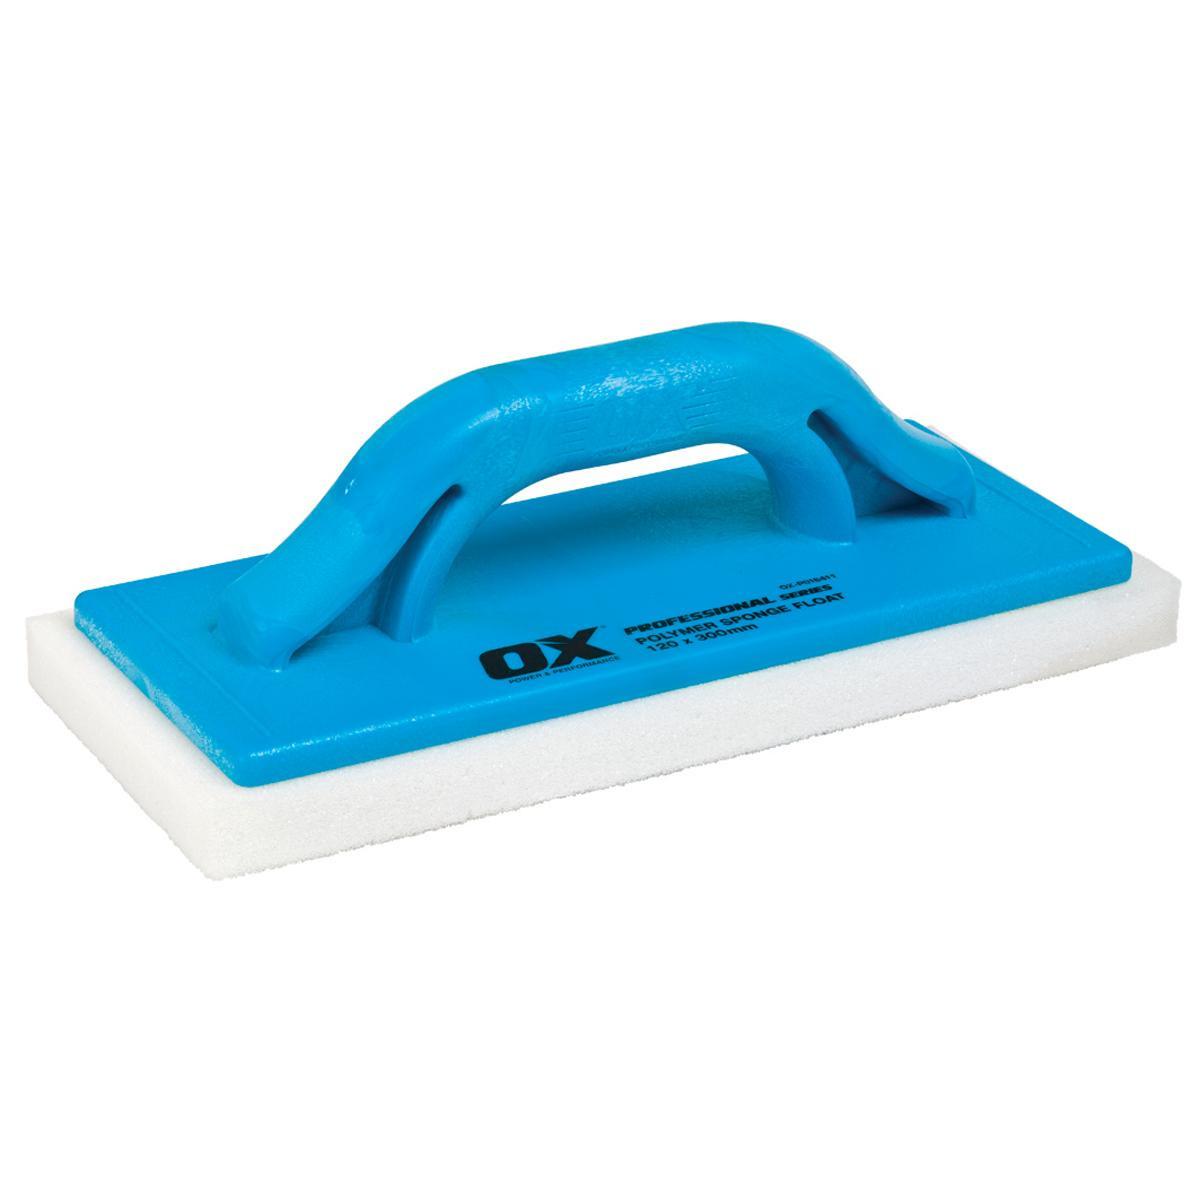 Ox Pro OX-P016411 Polymer Sponge Float 120mm X 300mm